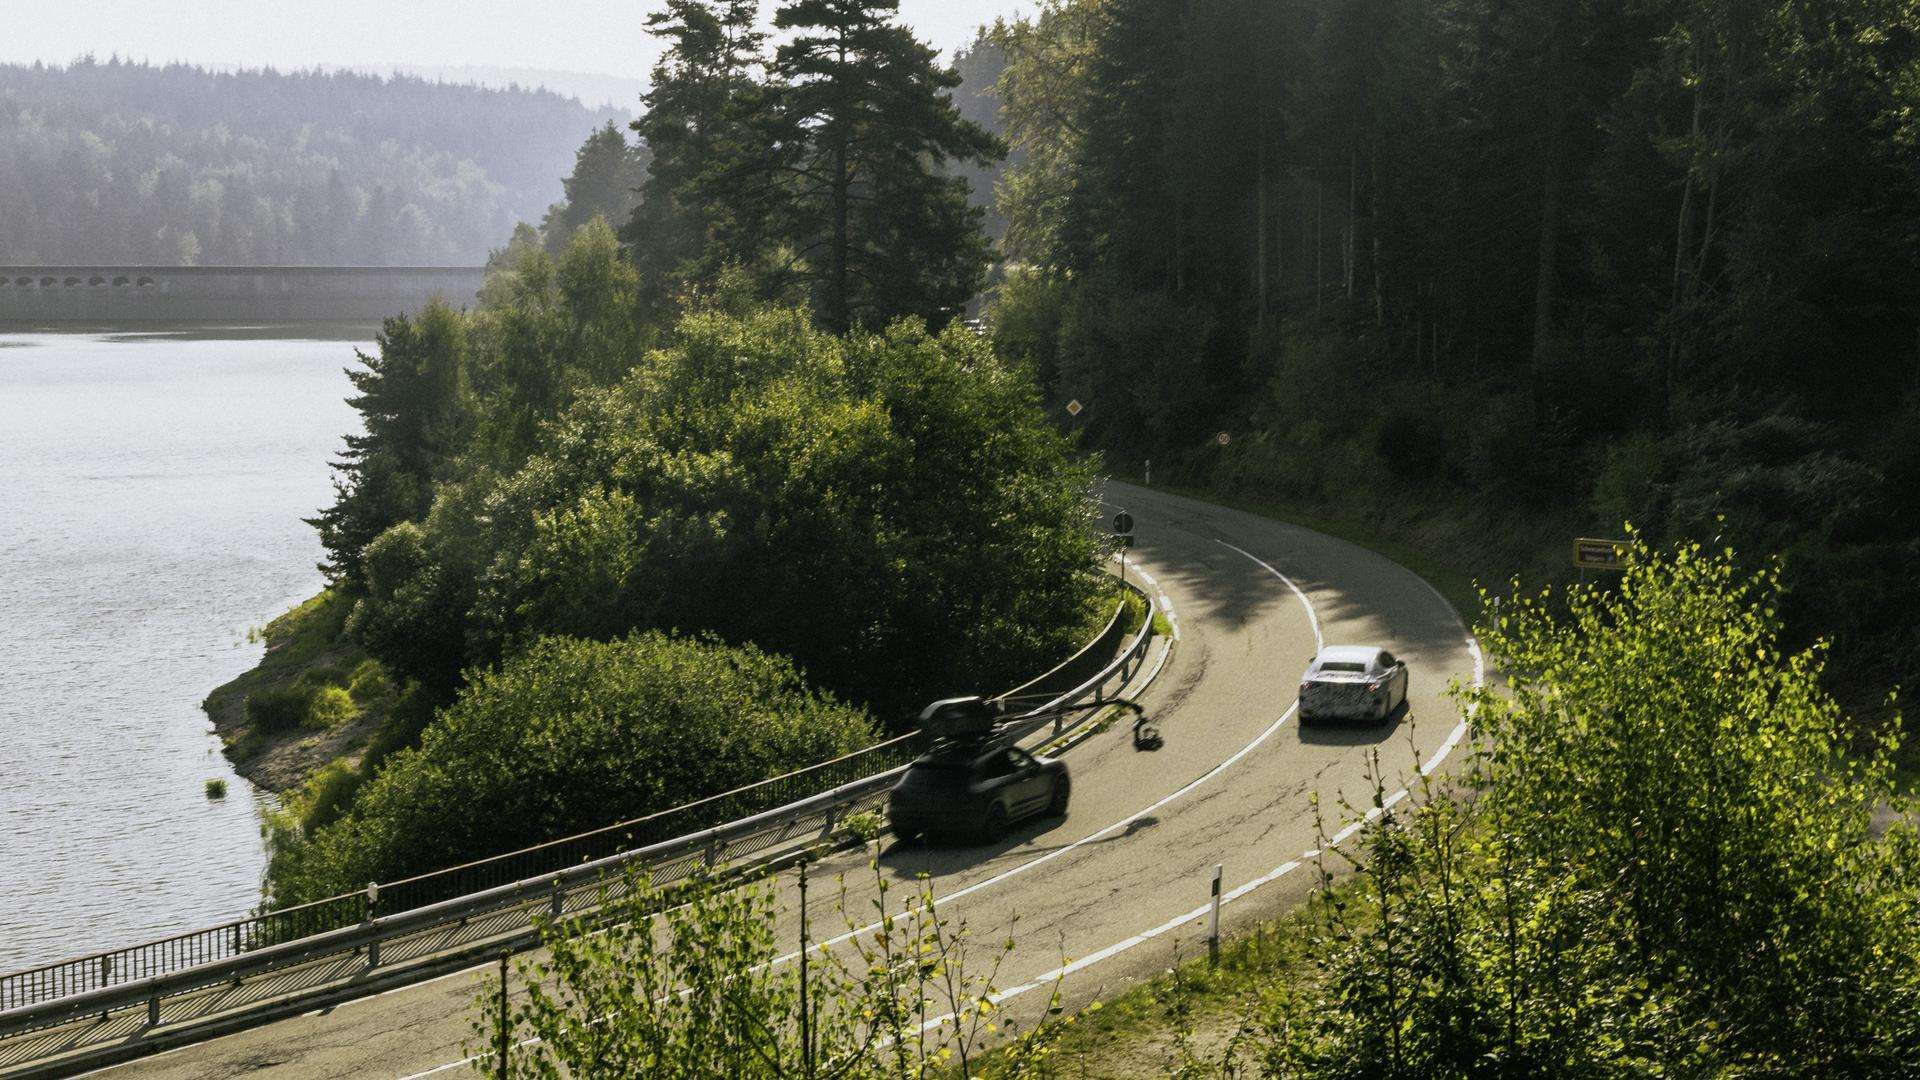 Dreharbeiten an der Schwarzenbach-Talsperre: Die Mercedes-Benz AG hat kürzlich drei Prototypen filmen und fotografieren lassen.